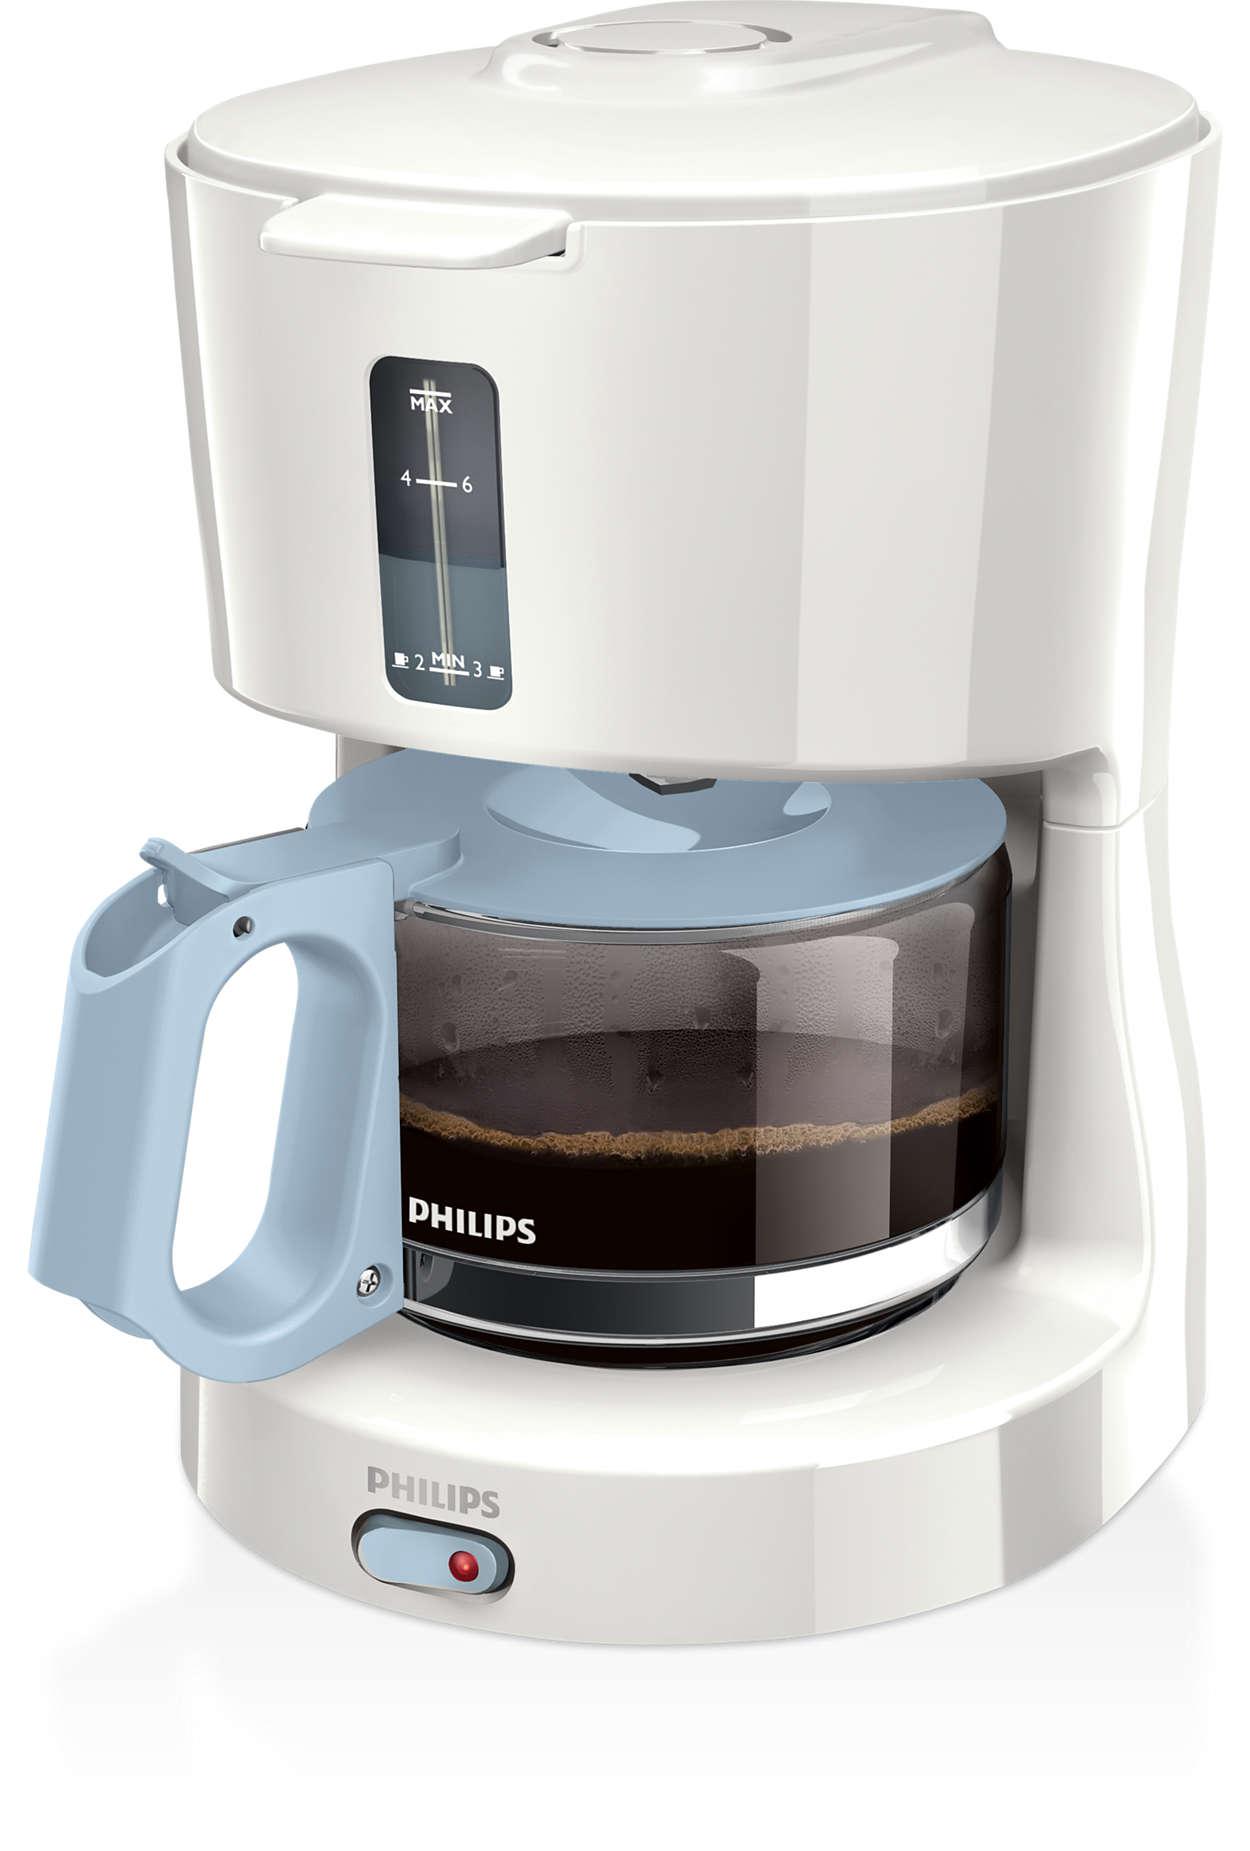 Dobrá filtrovaná káva, jednoduše připravená